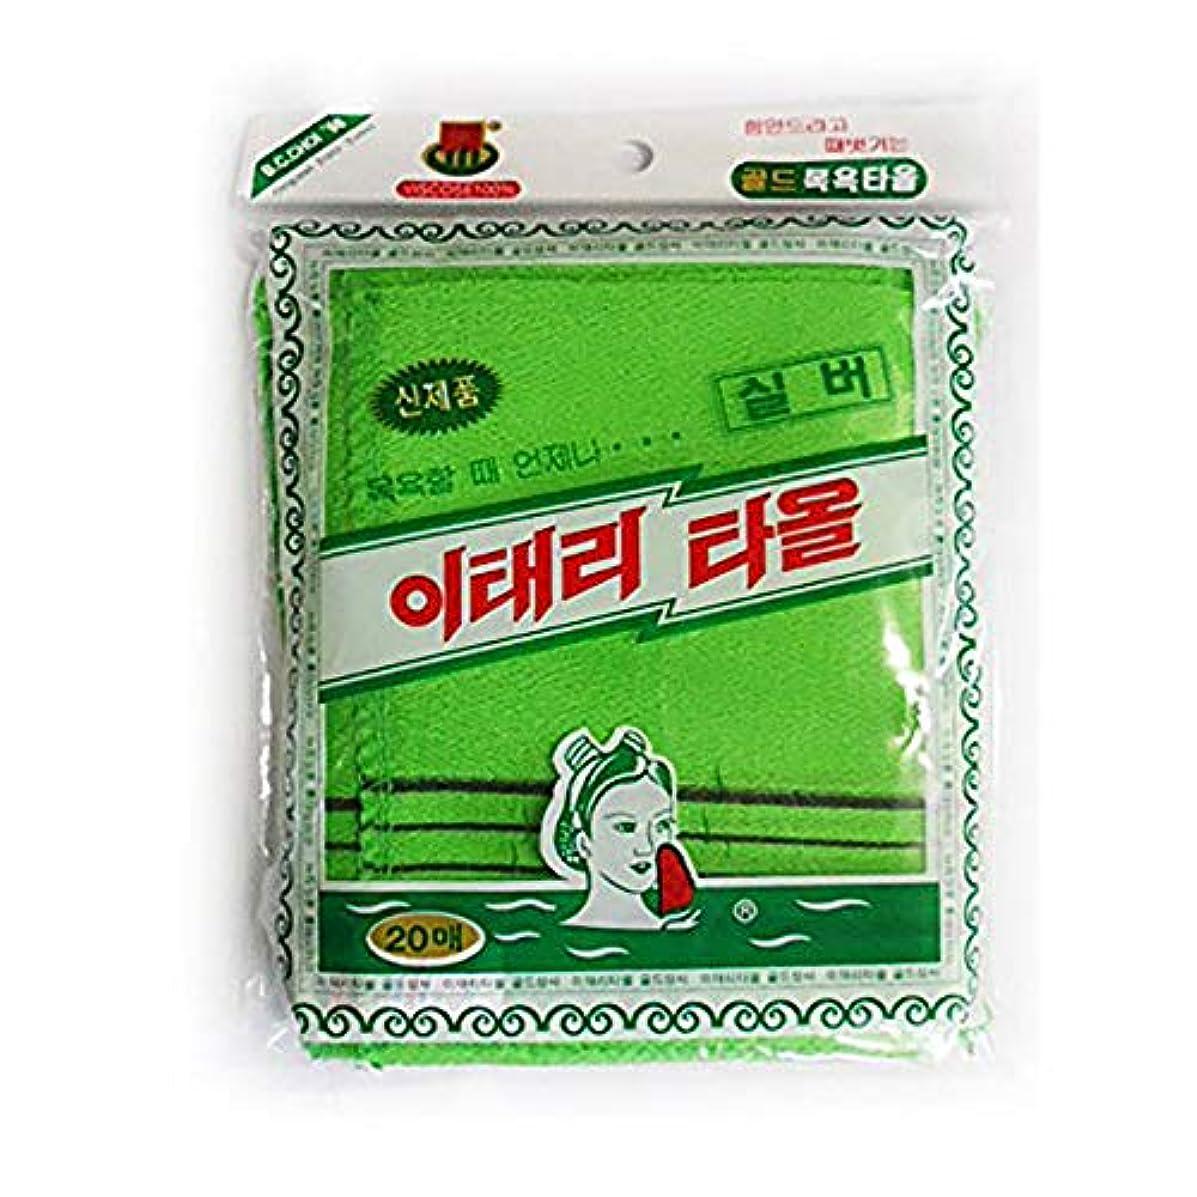 キャンドルオセアニア緩やかなアカスリタオル (韓国式あかすりタオル) 20枚セット